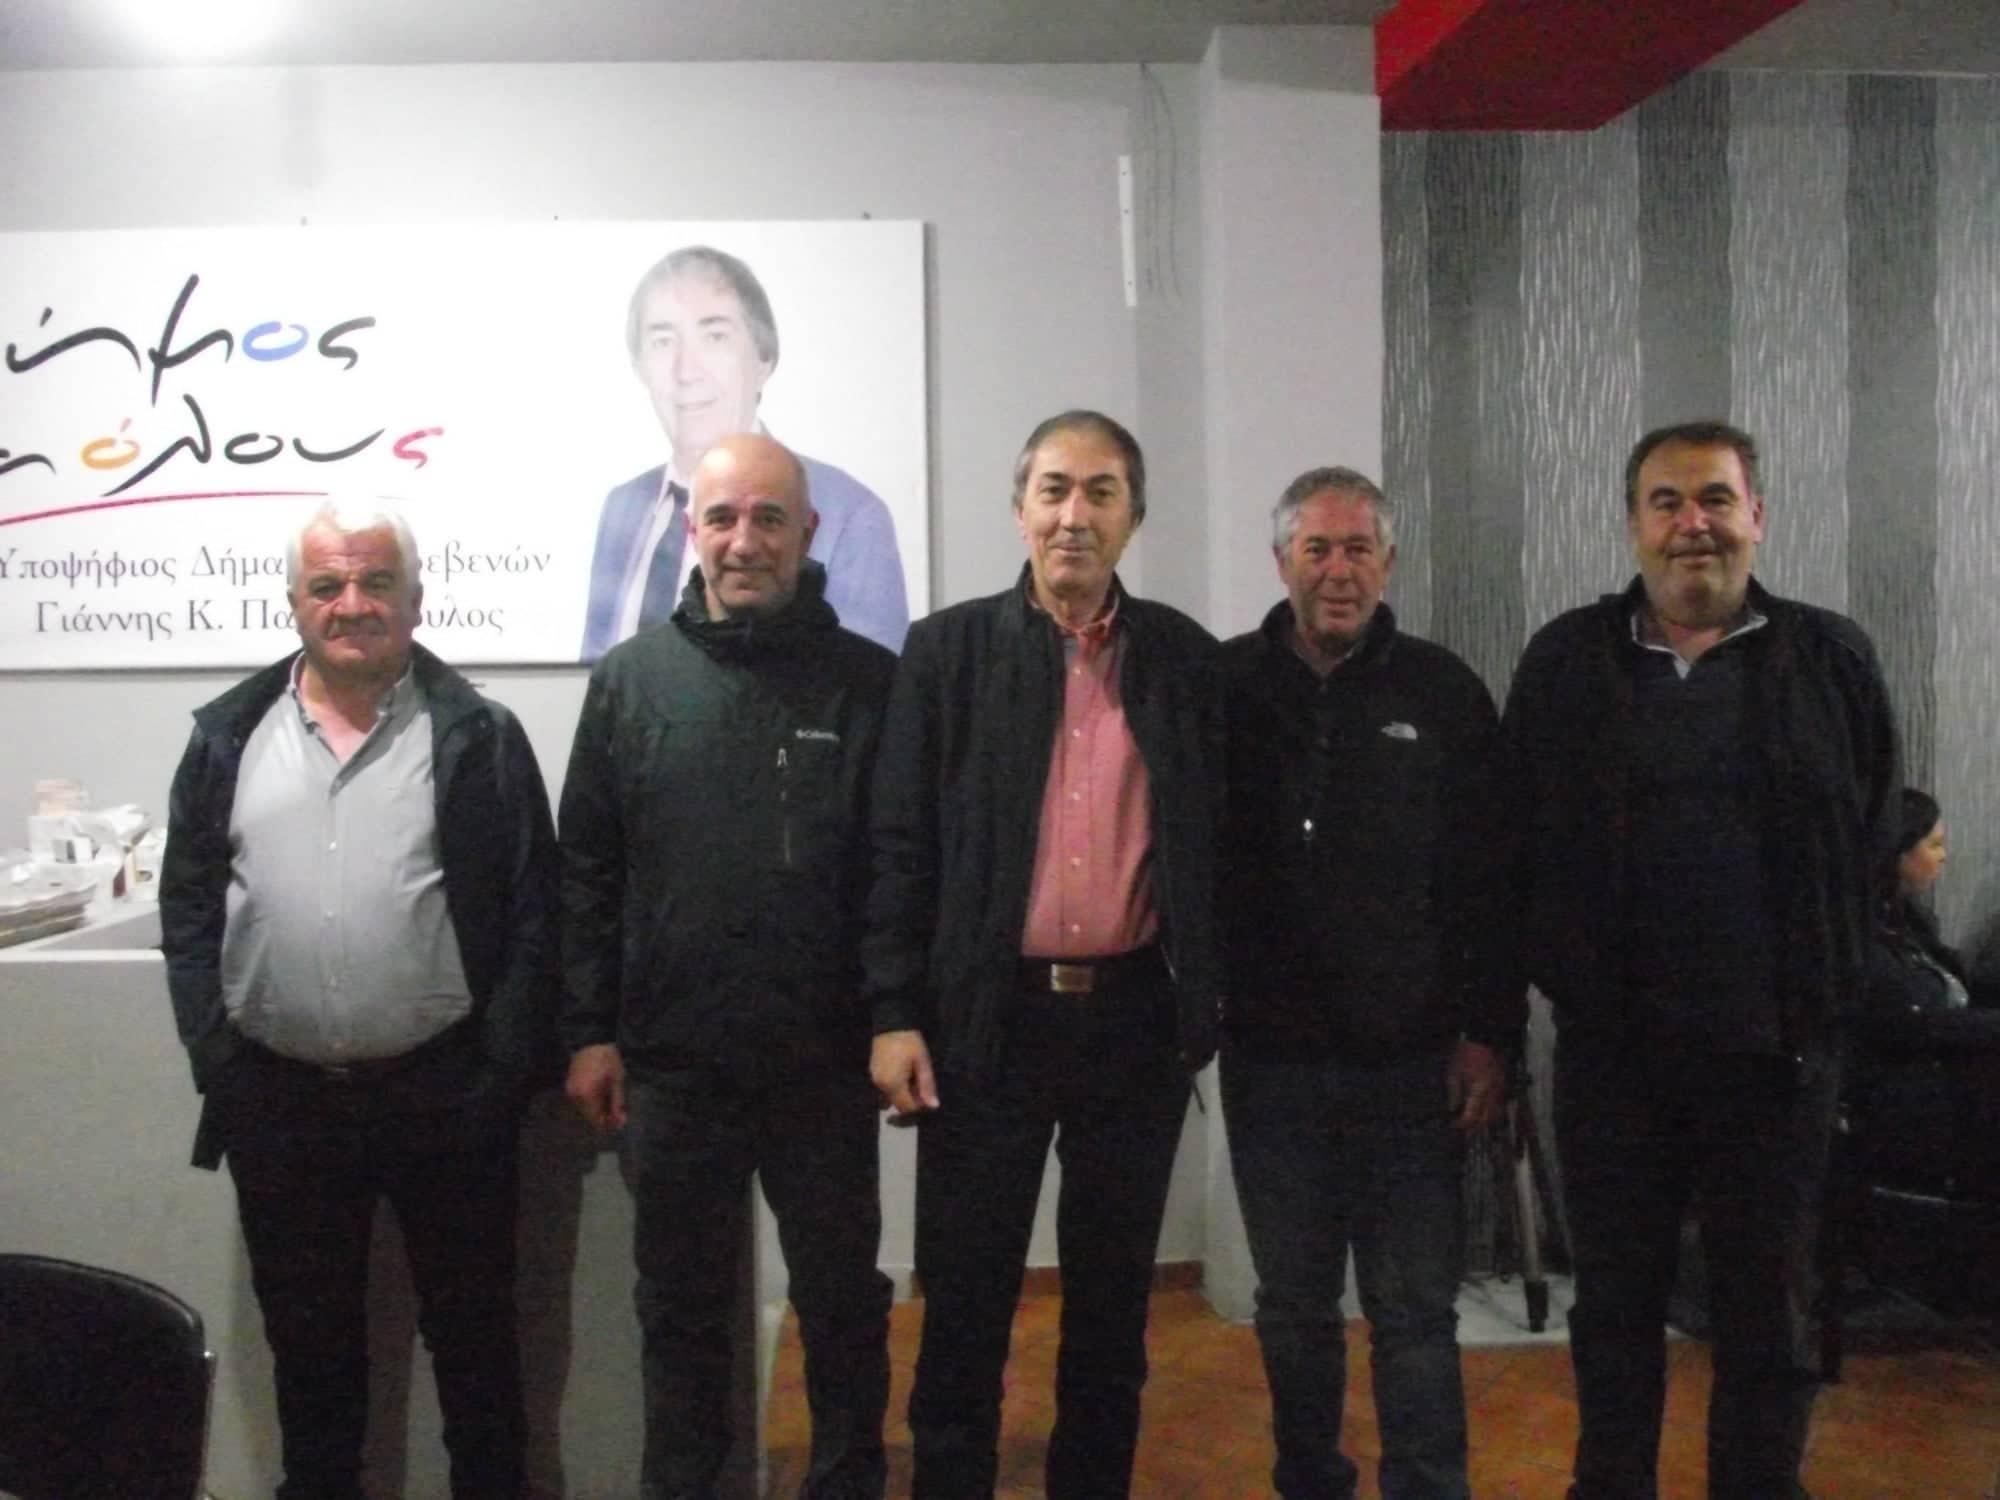 Δήμος για Όλους: Πανέτοιμοι στο εκλογικό κέντρο για τις περιοδείες στο π.Δήμο Θ.Ζιάκα